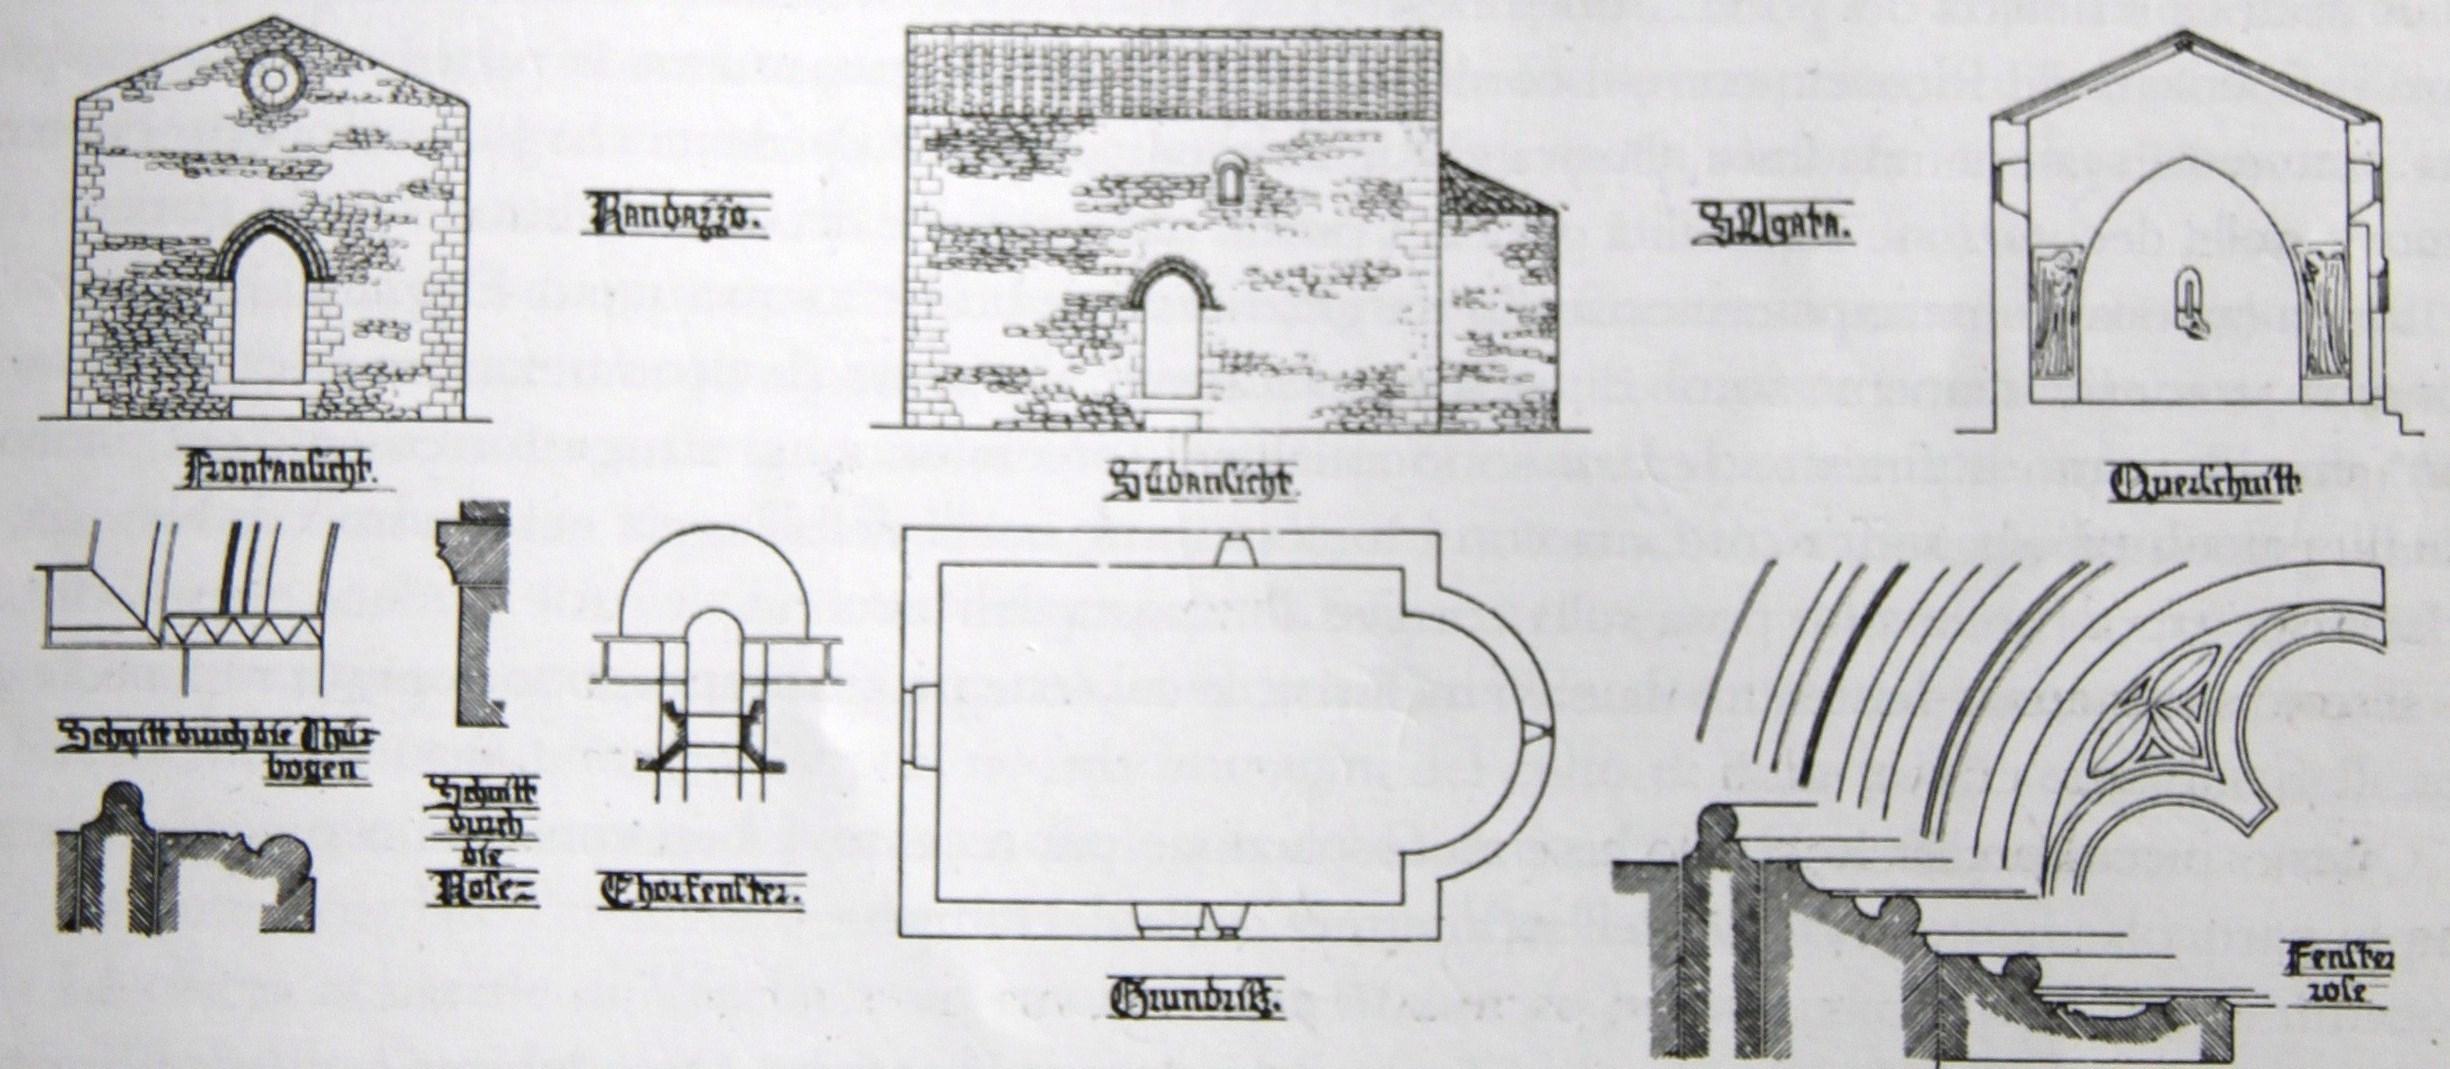 Sant agata storia di una chiesa scomparsa randazzo segreta for Planimetrie popolari